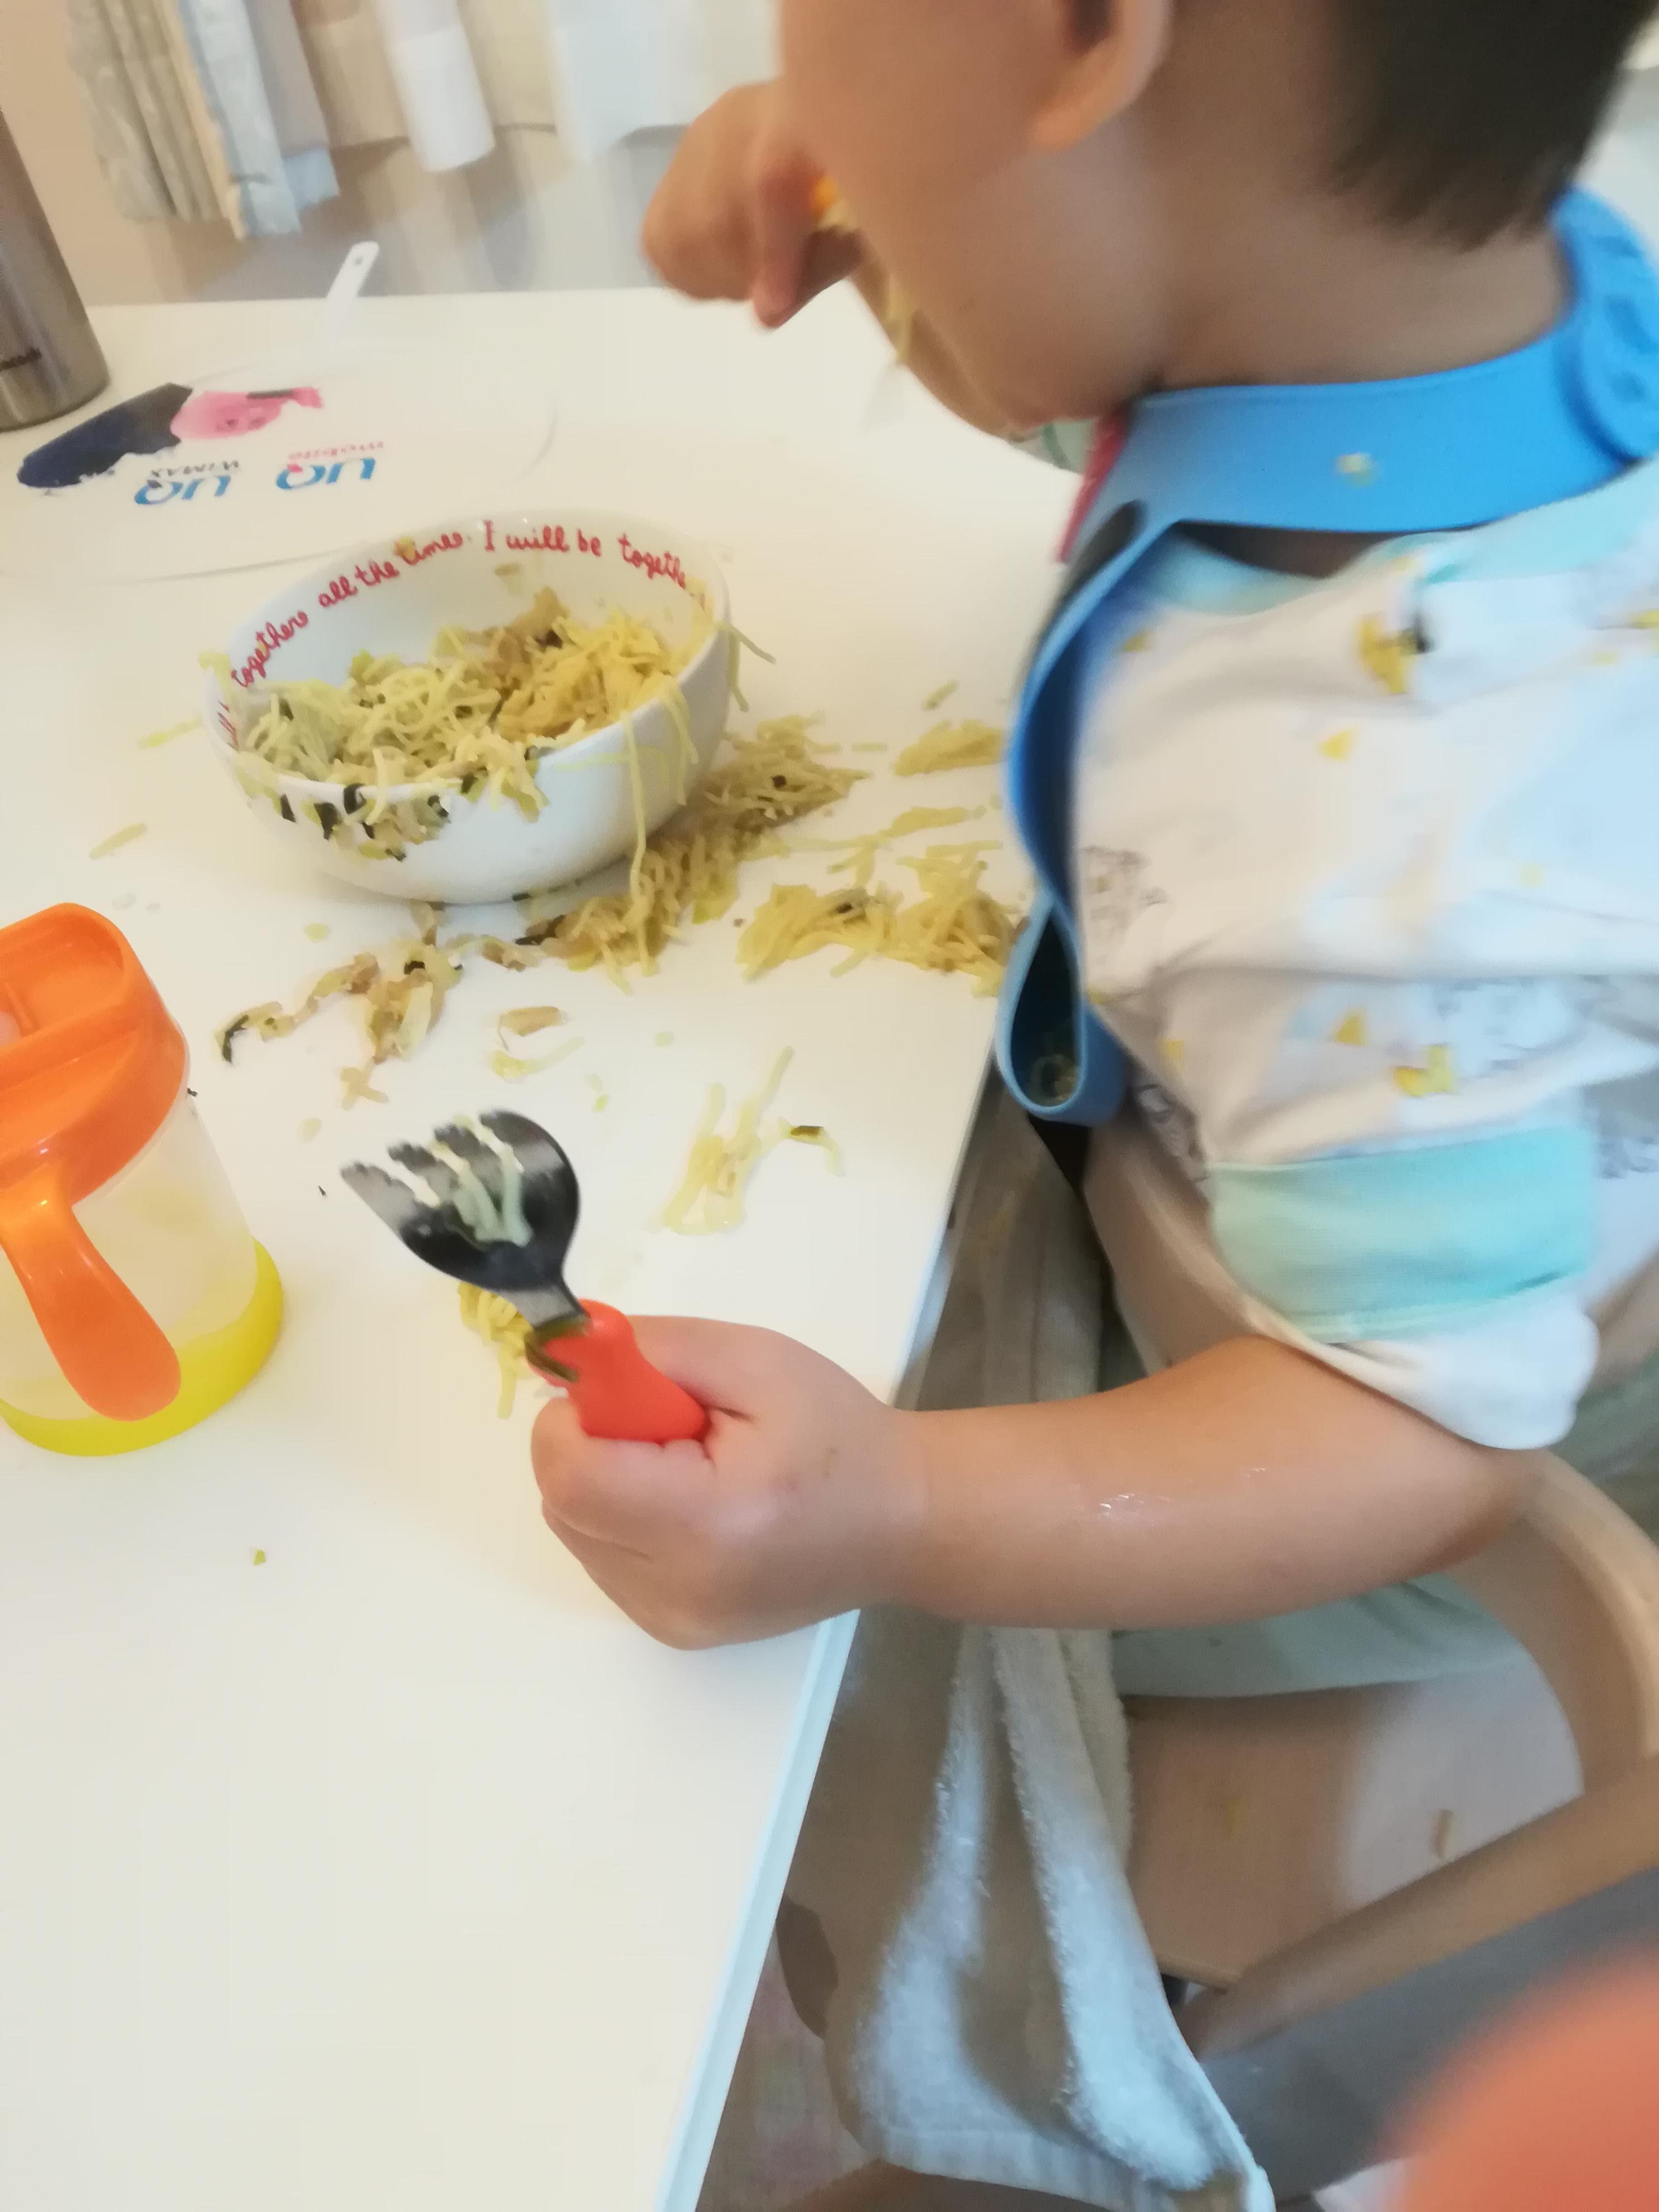 離乳食・幼児食の食べこぼしもスッキリ!ママ(私)のストレスを減少させた手作りの片づけアイテムを紹介★